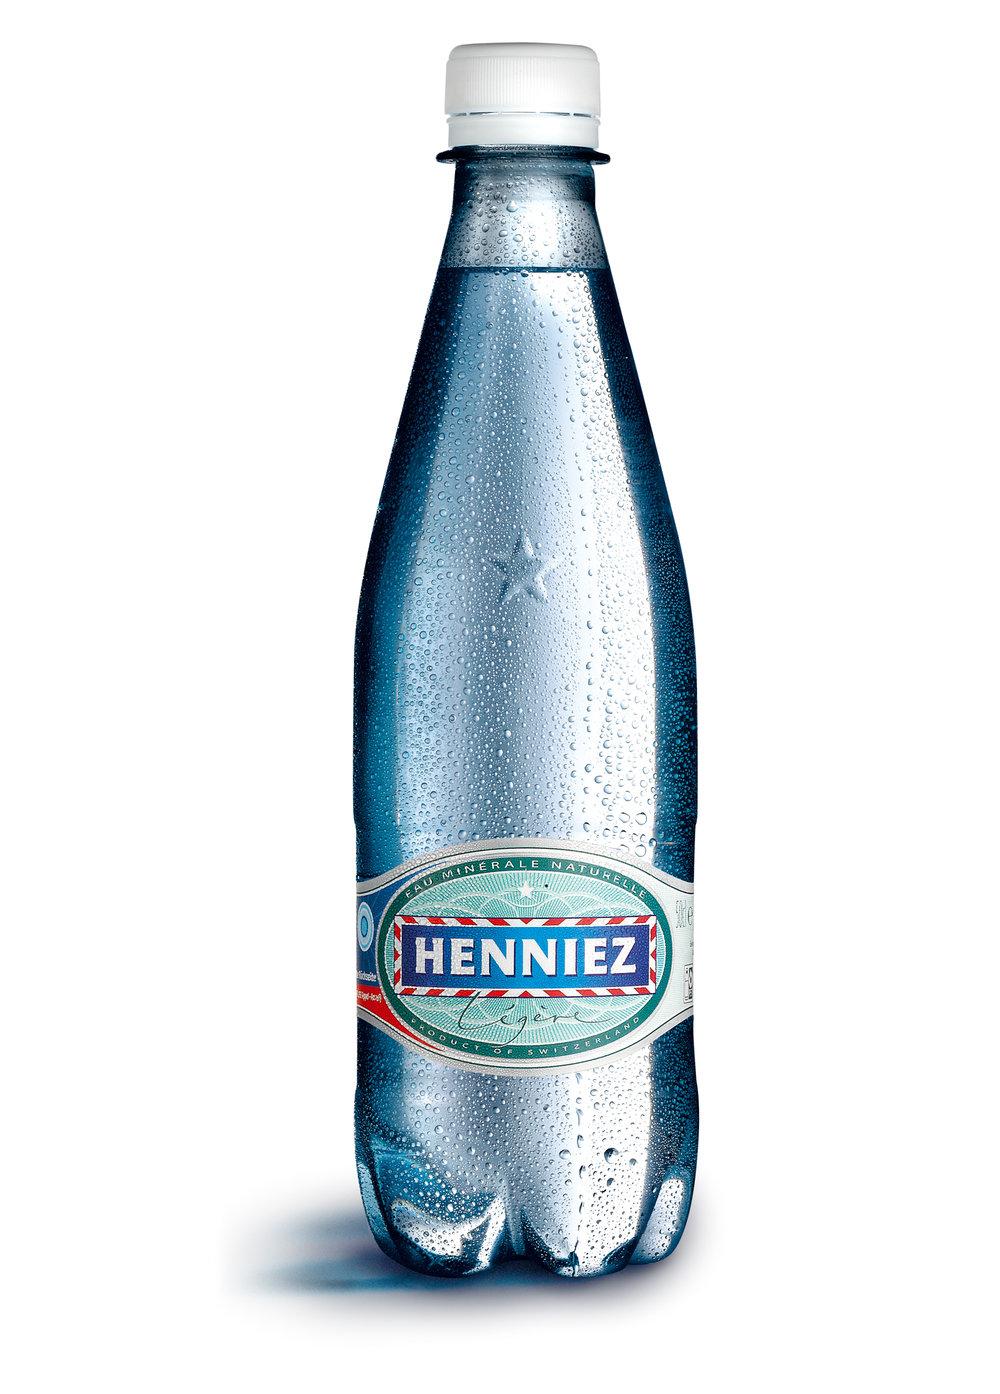 Henniez, Campaign